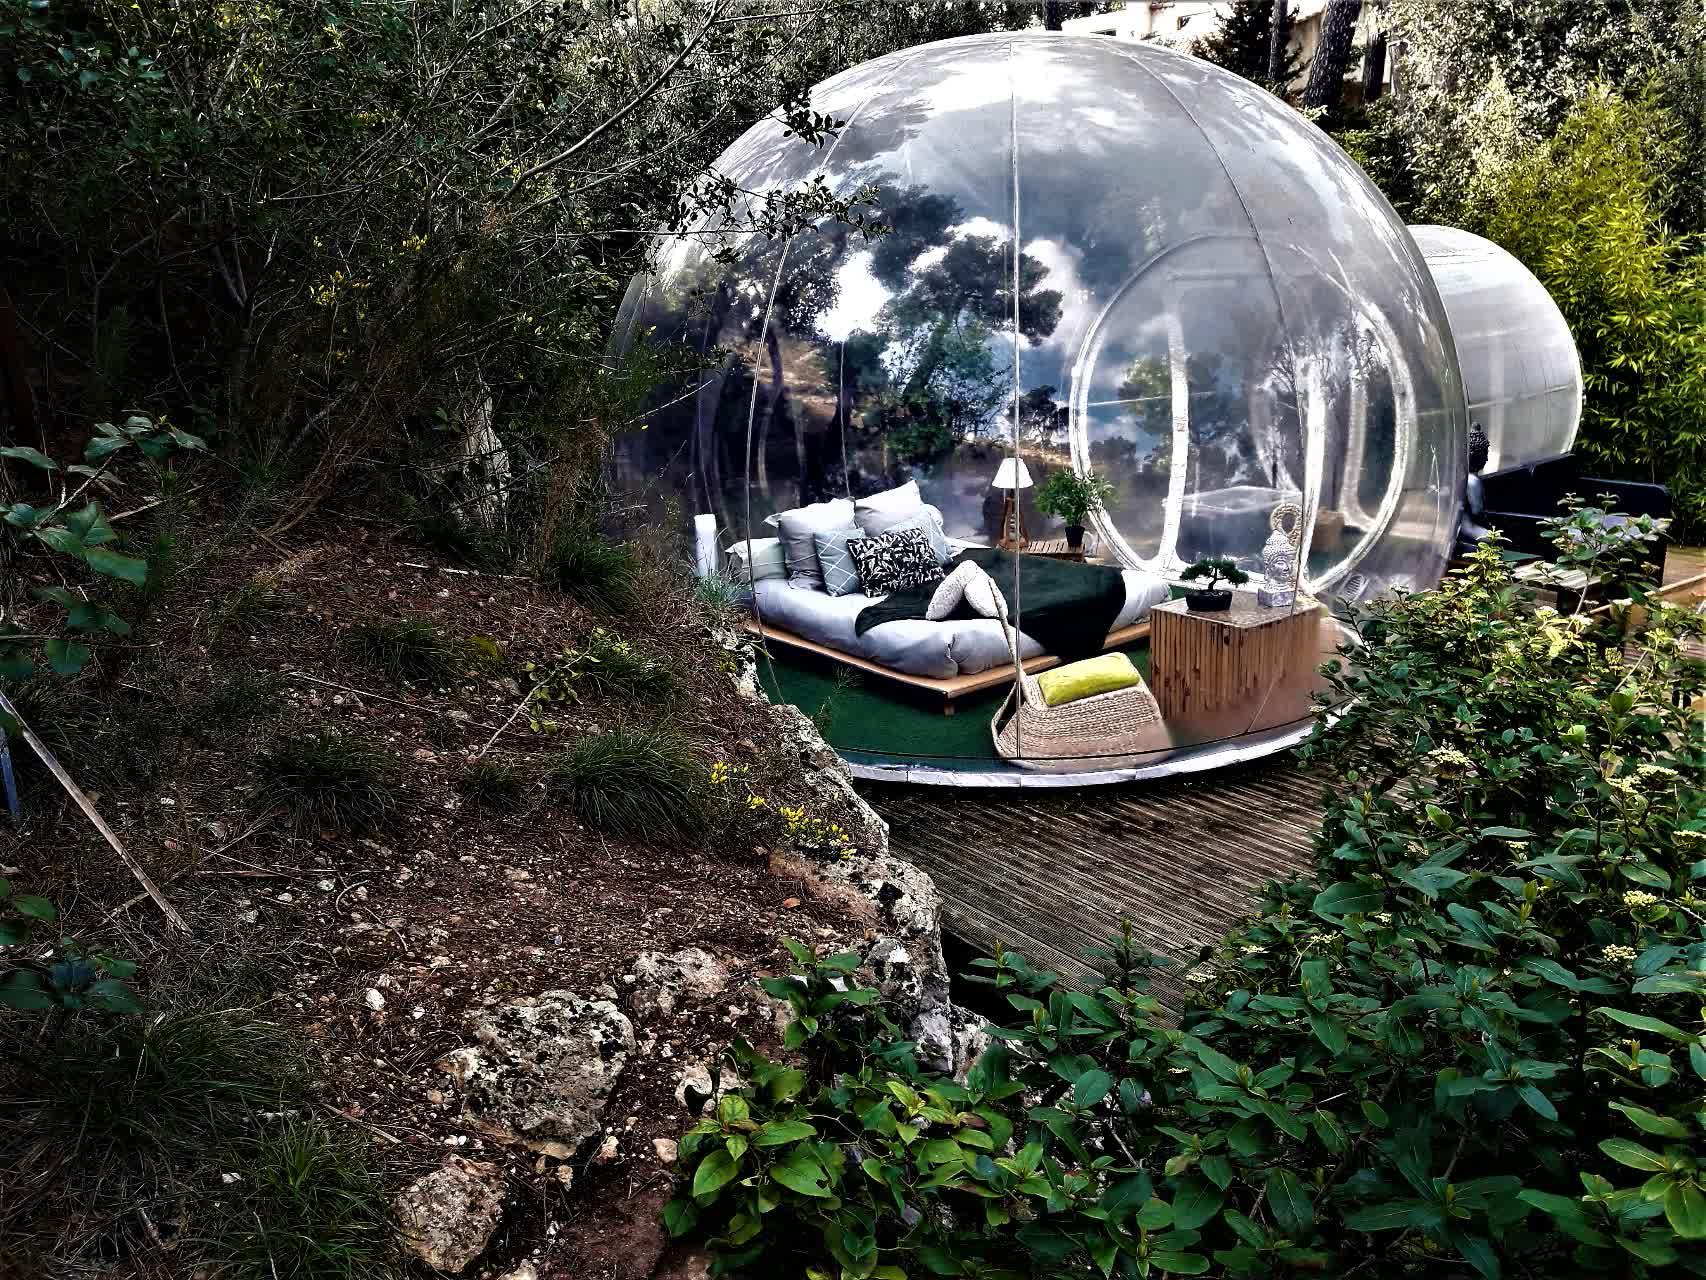 Glamping dans les bulles transparentes d'Attrap'Rêves en France